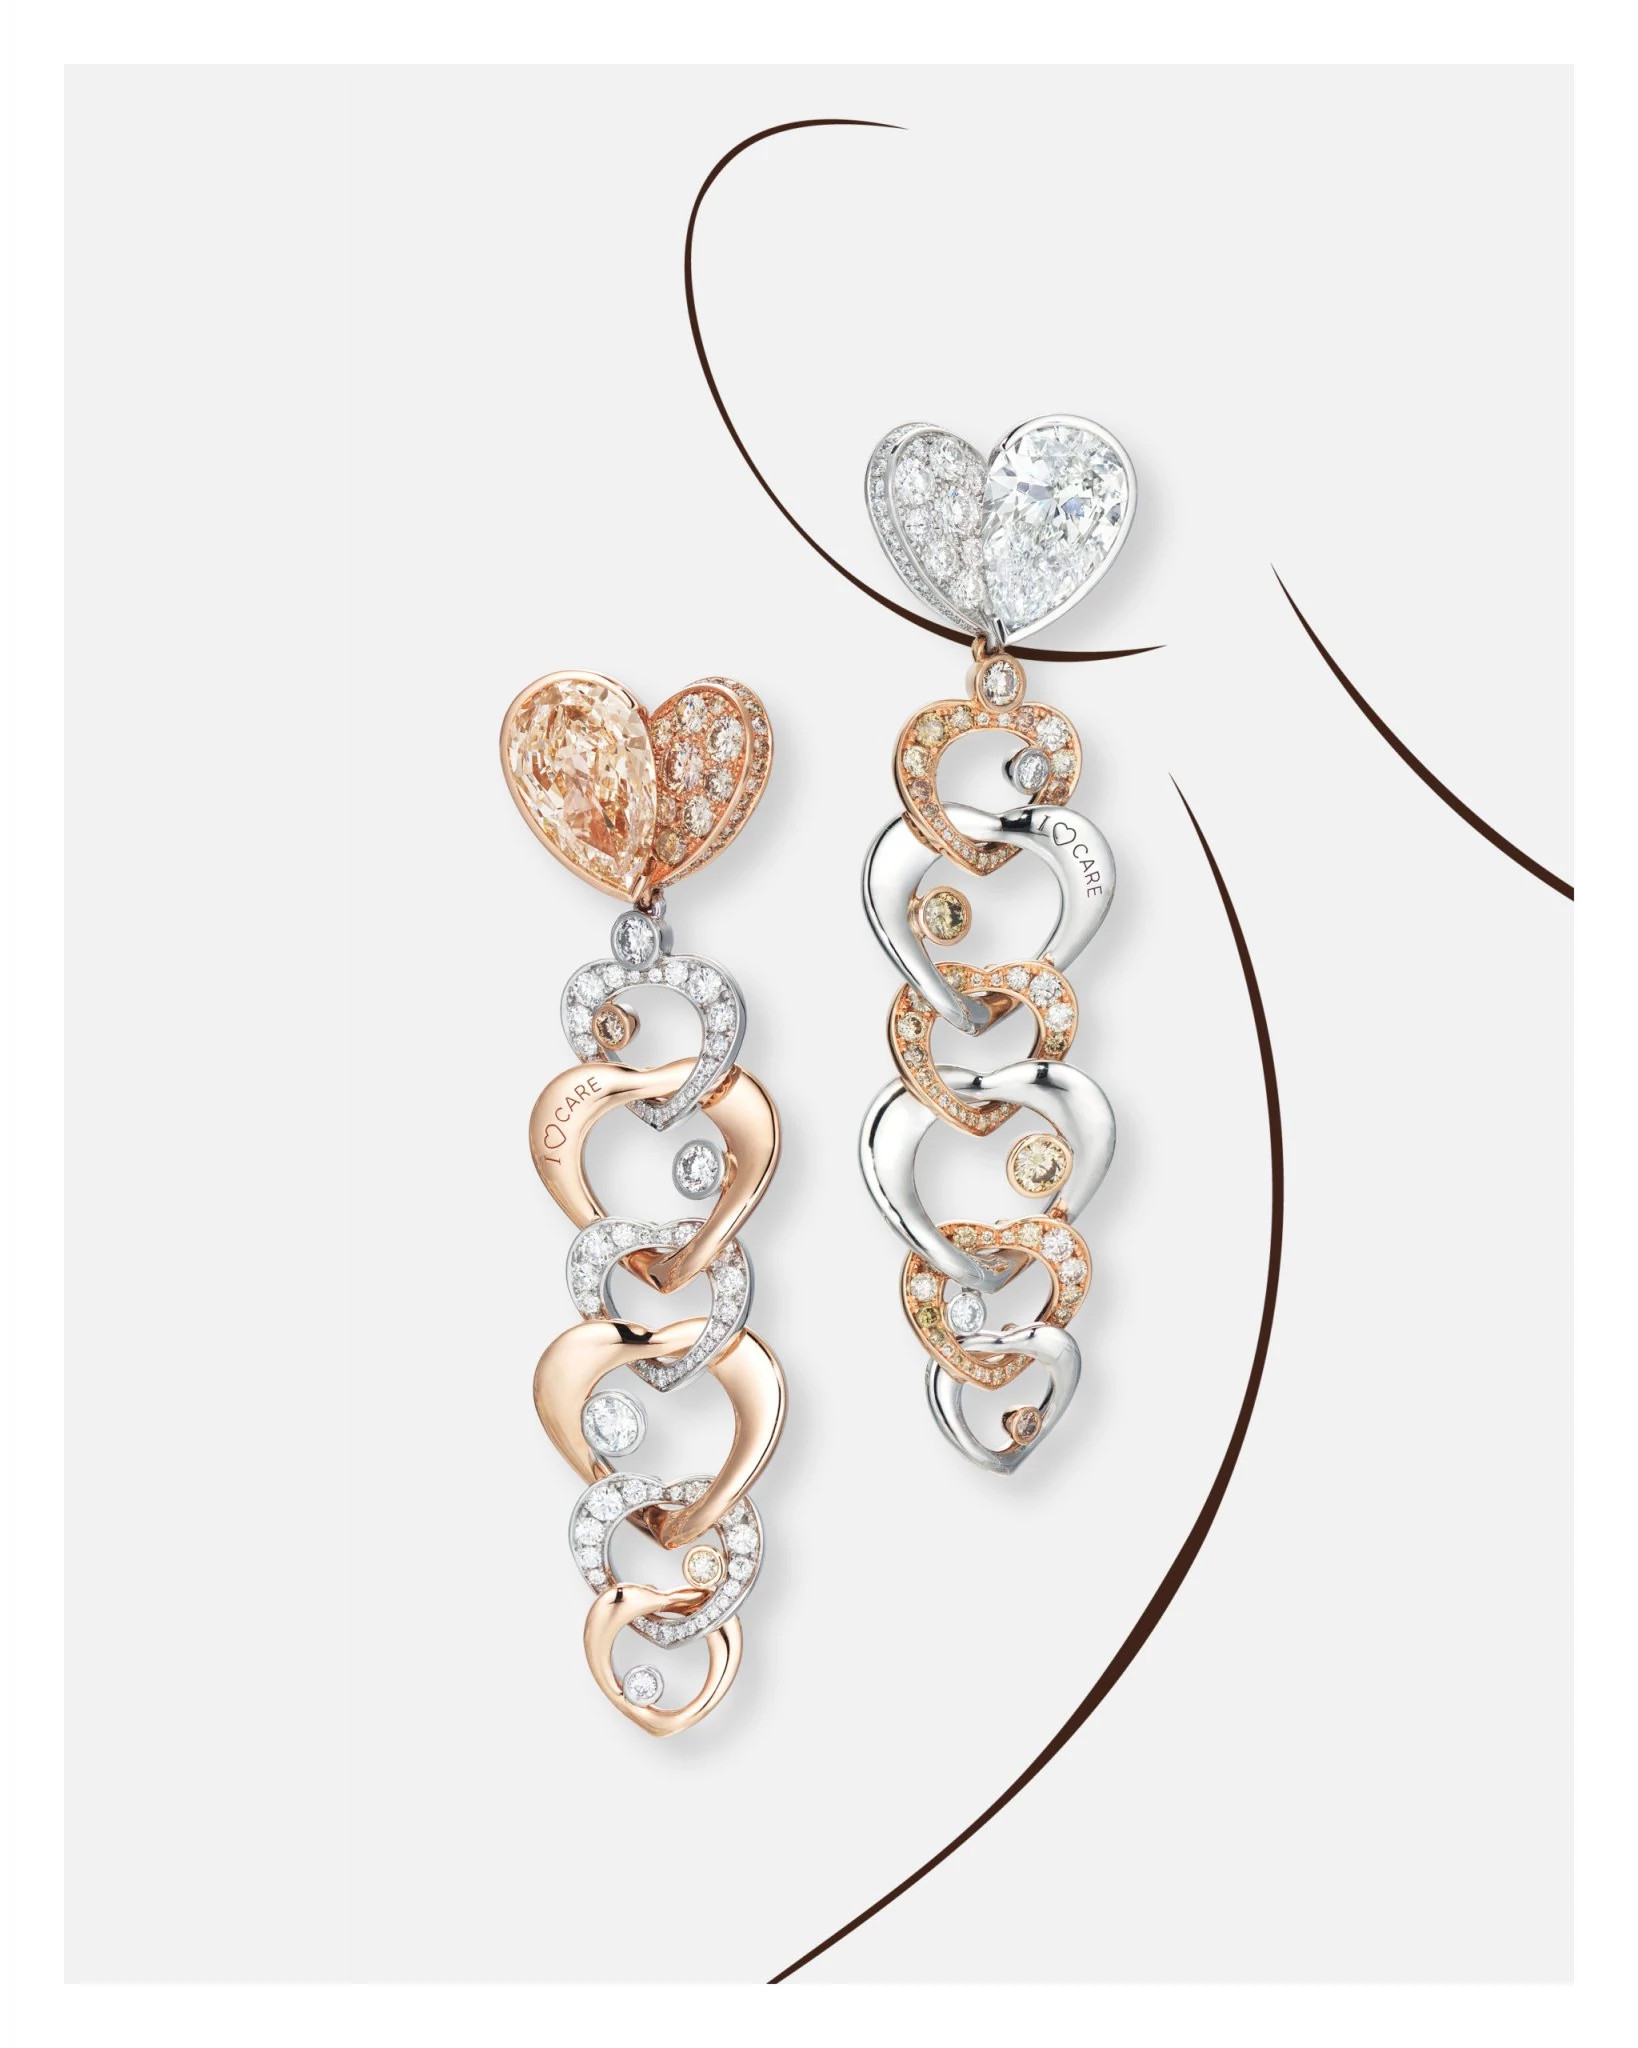 """胡茵菲为""""胡茵菲设计的第二件天然钻石珠宝"""